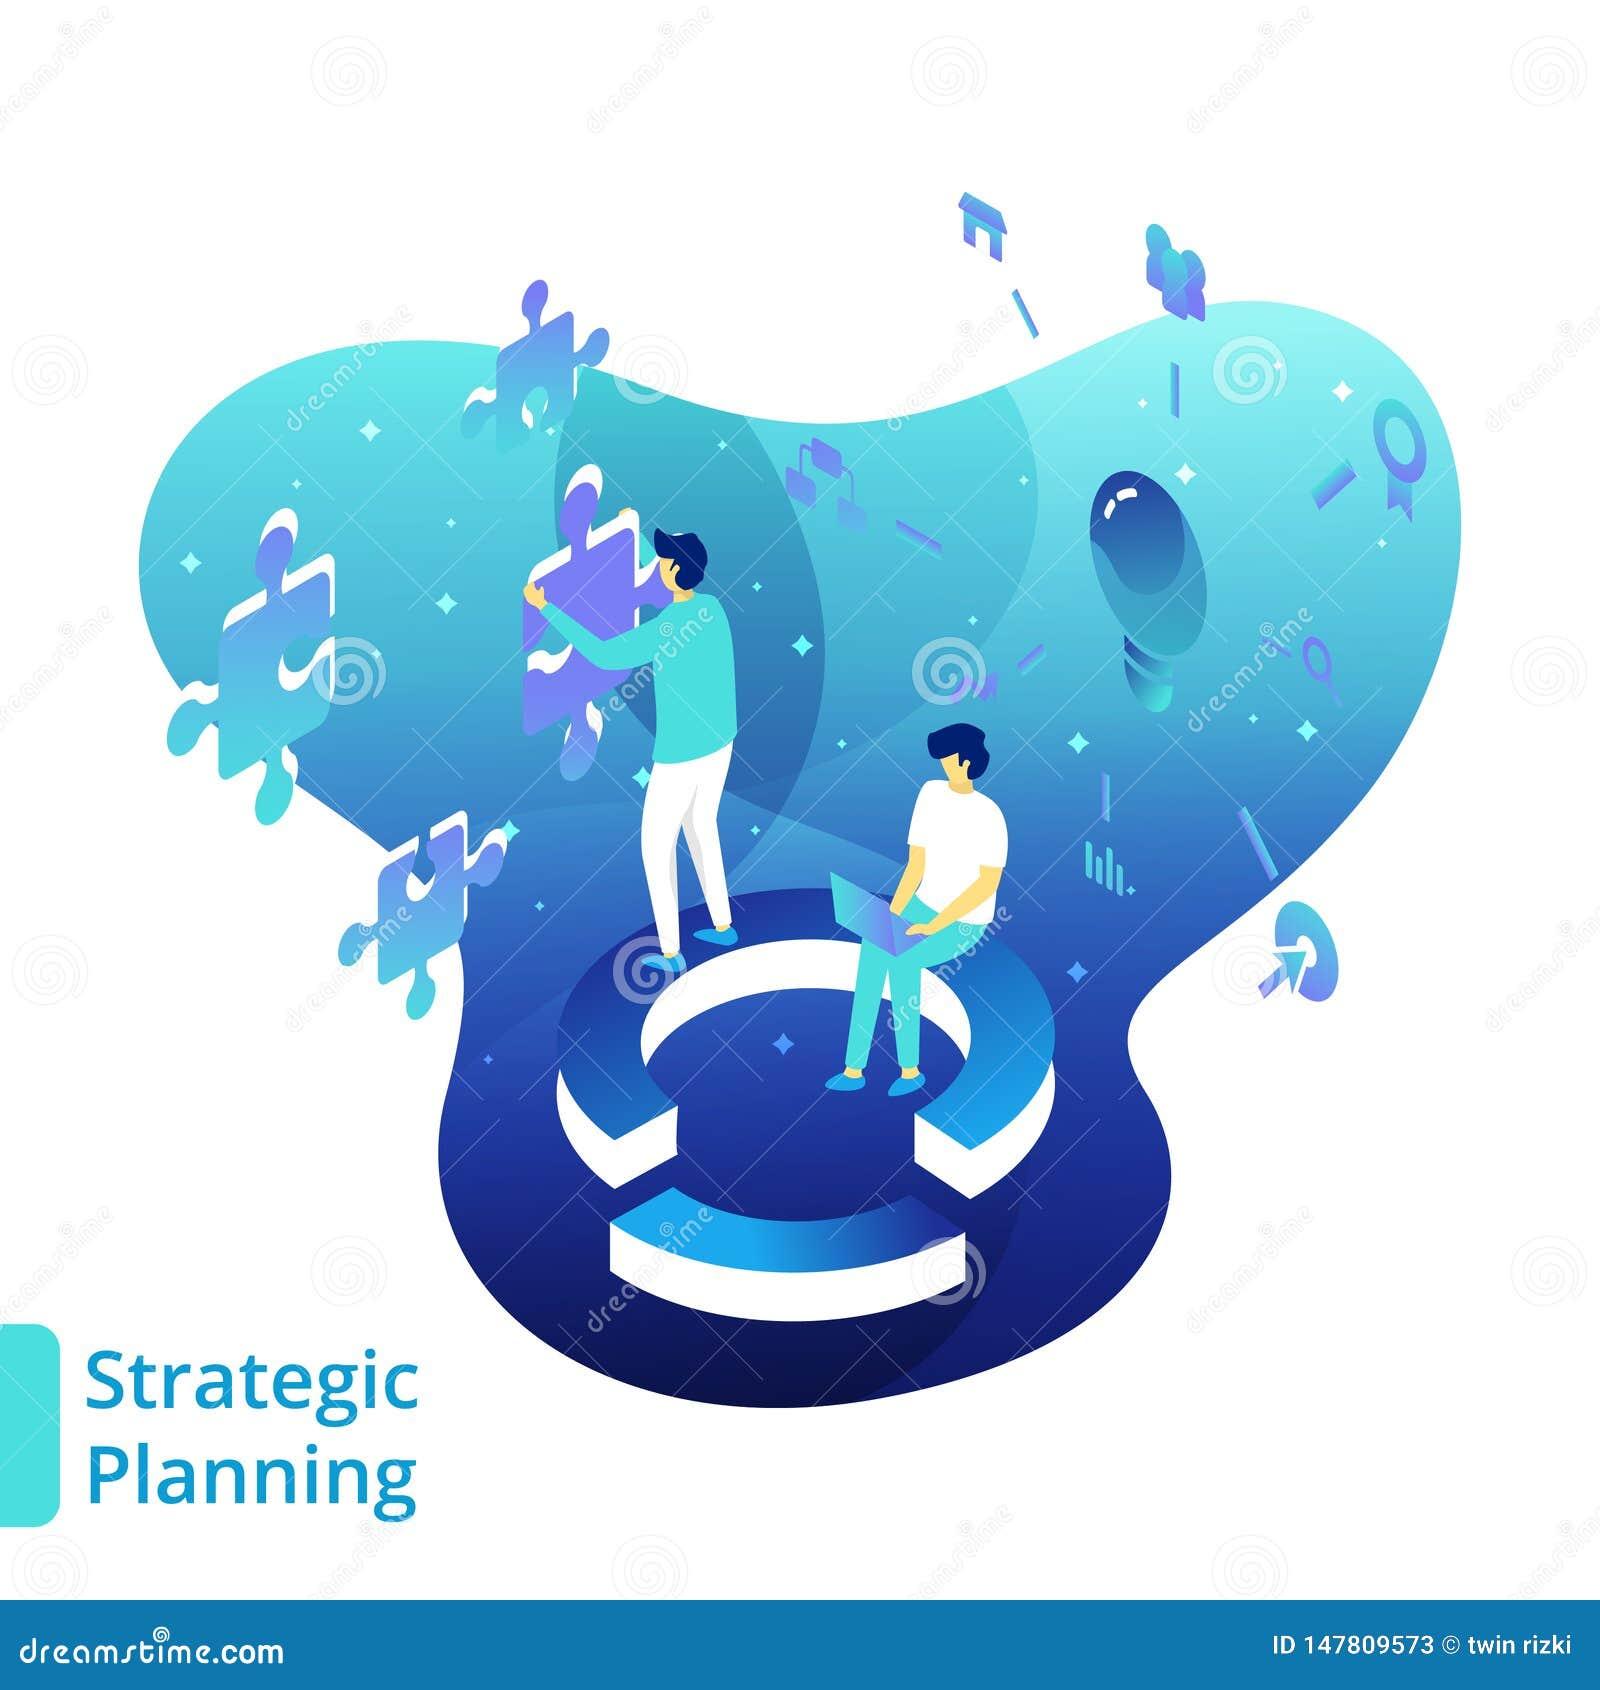 Illustratiestrategische planning